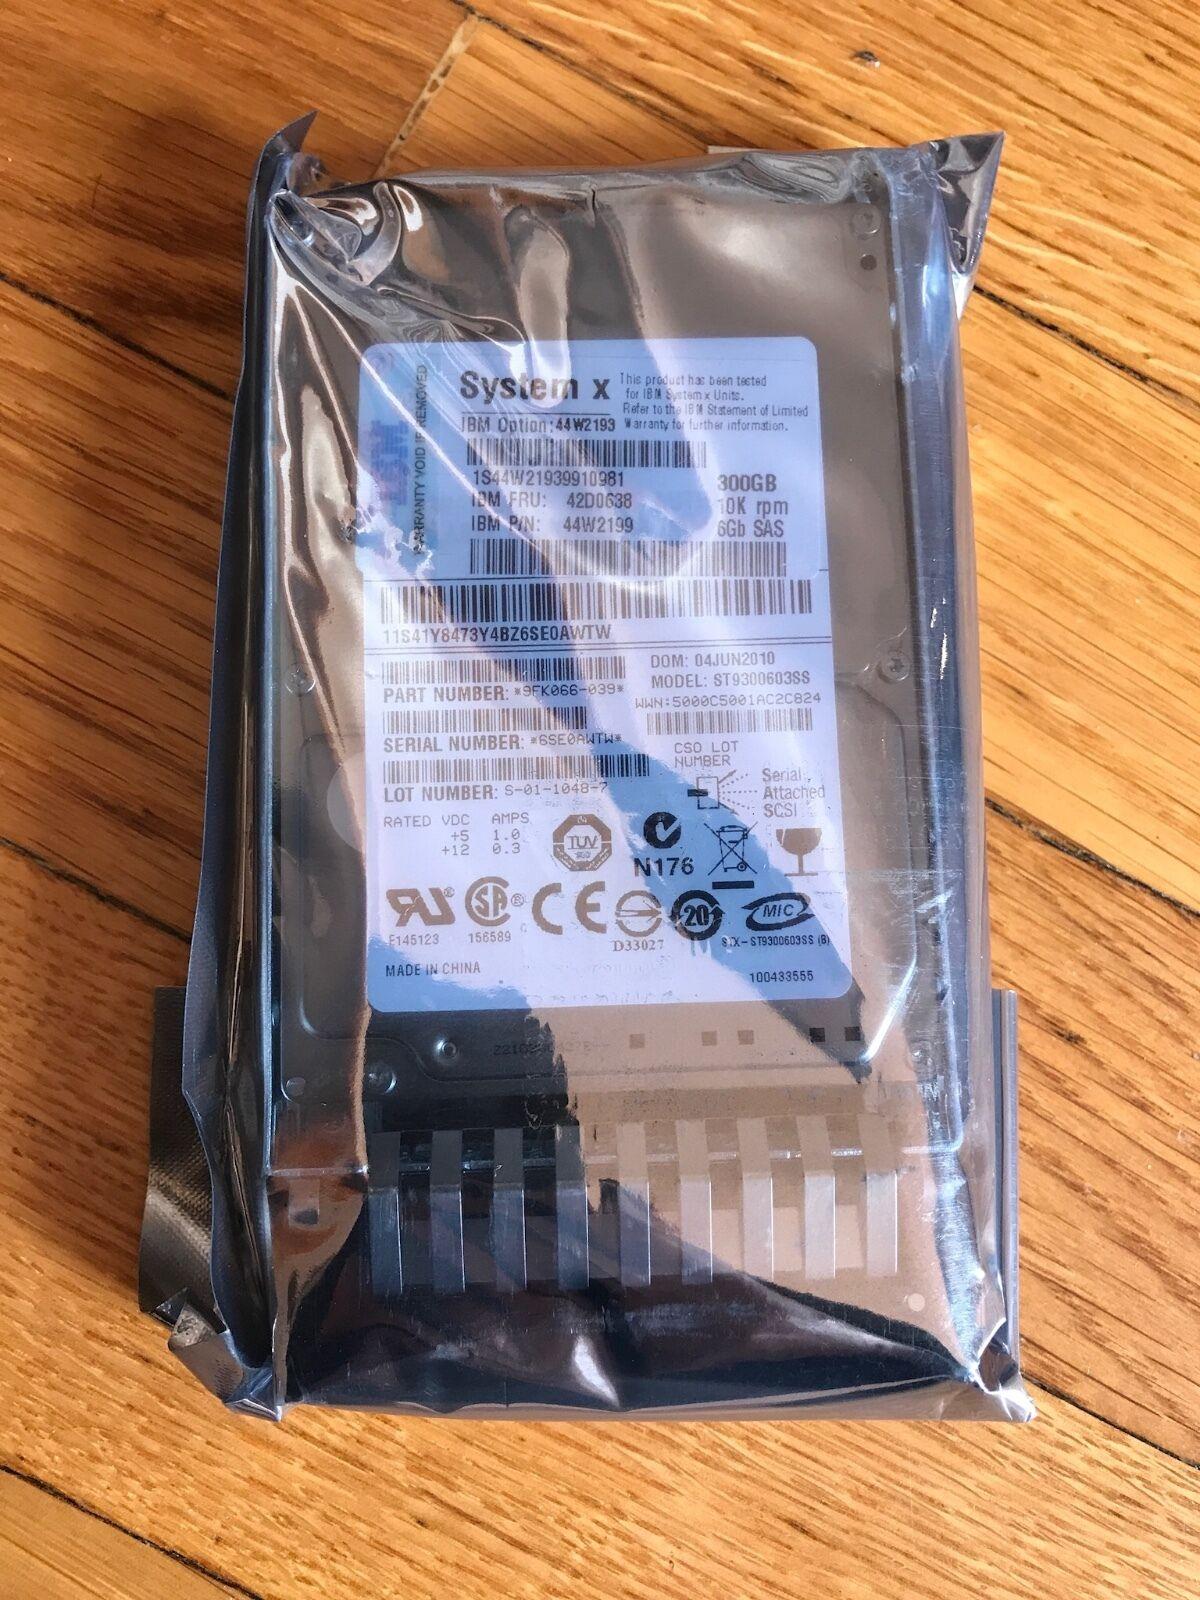 DISCO RIGIDO 10K 2.5-inch HDD per DS3 IBM 300GB 10,000 rpm 6Gb SAS ST9300603SS